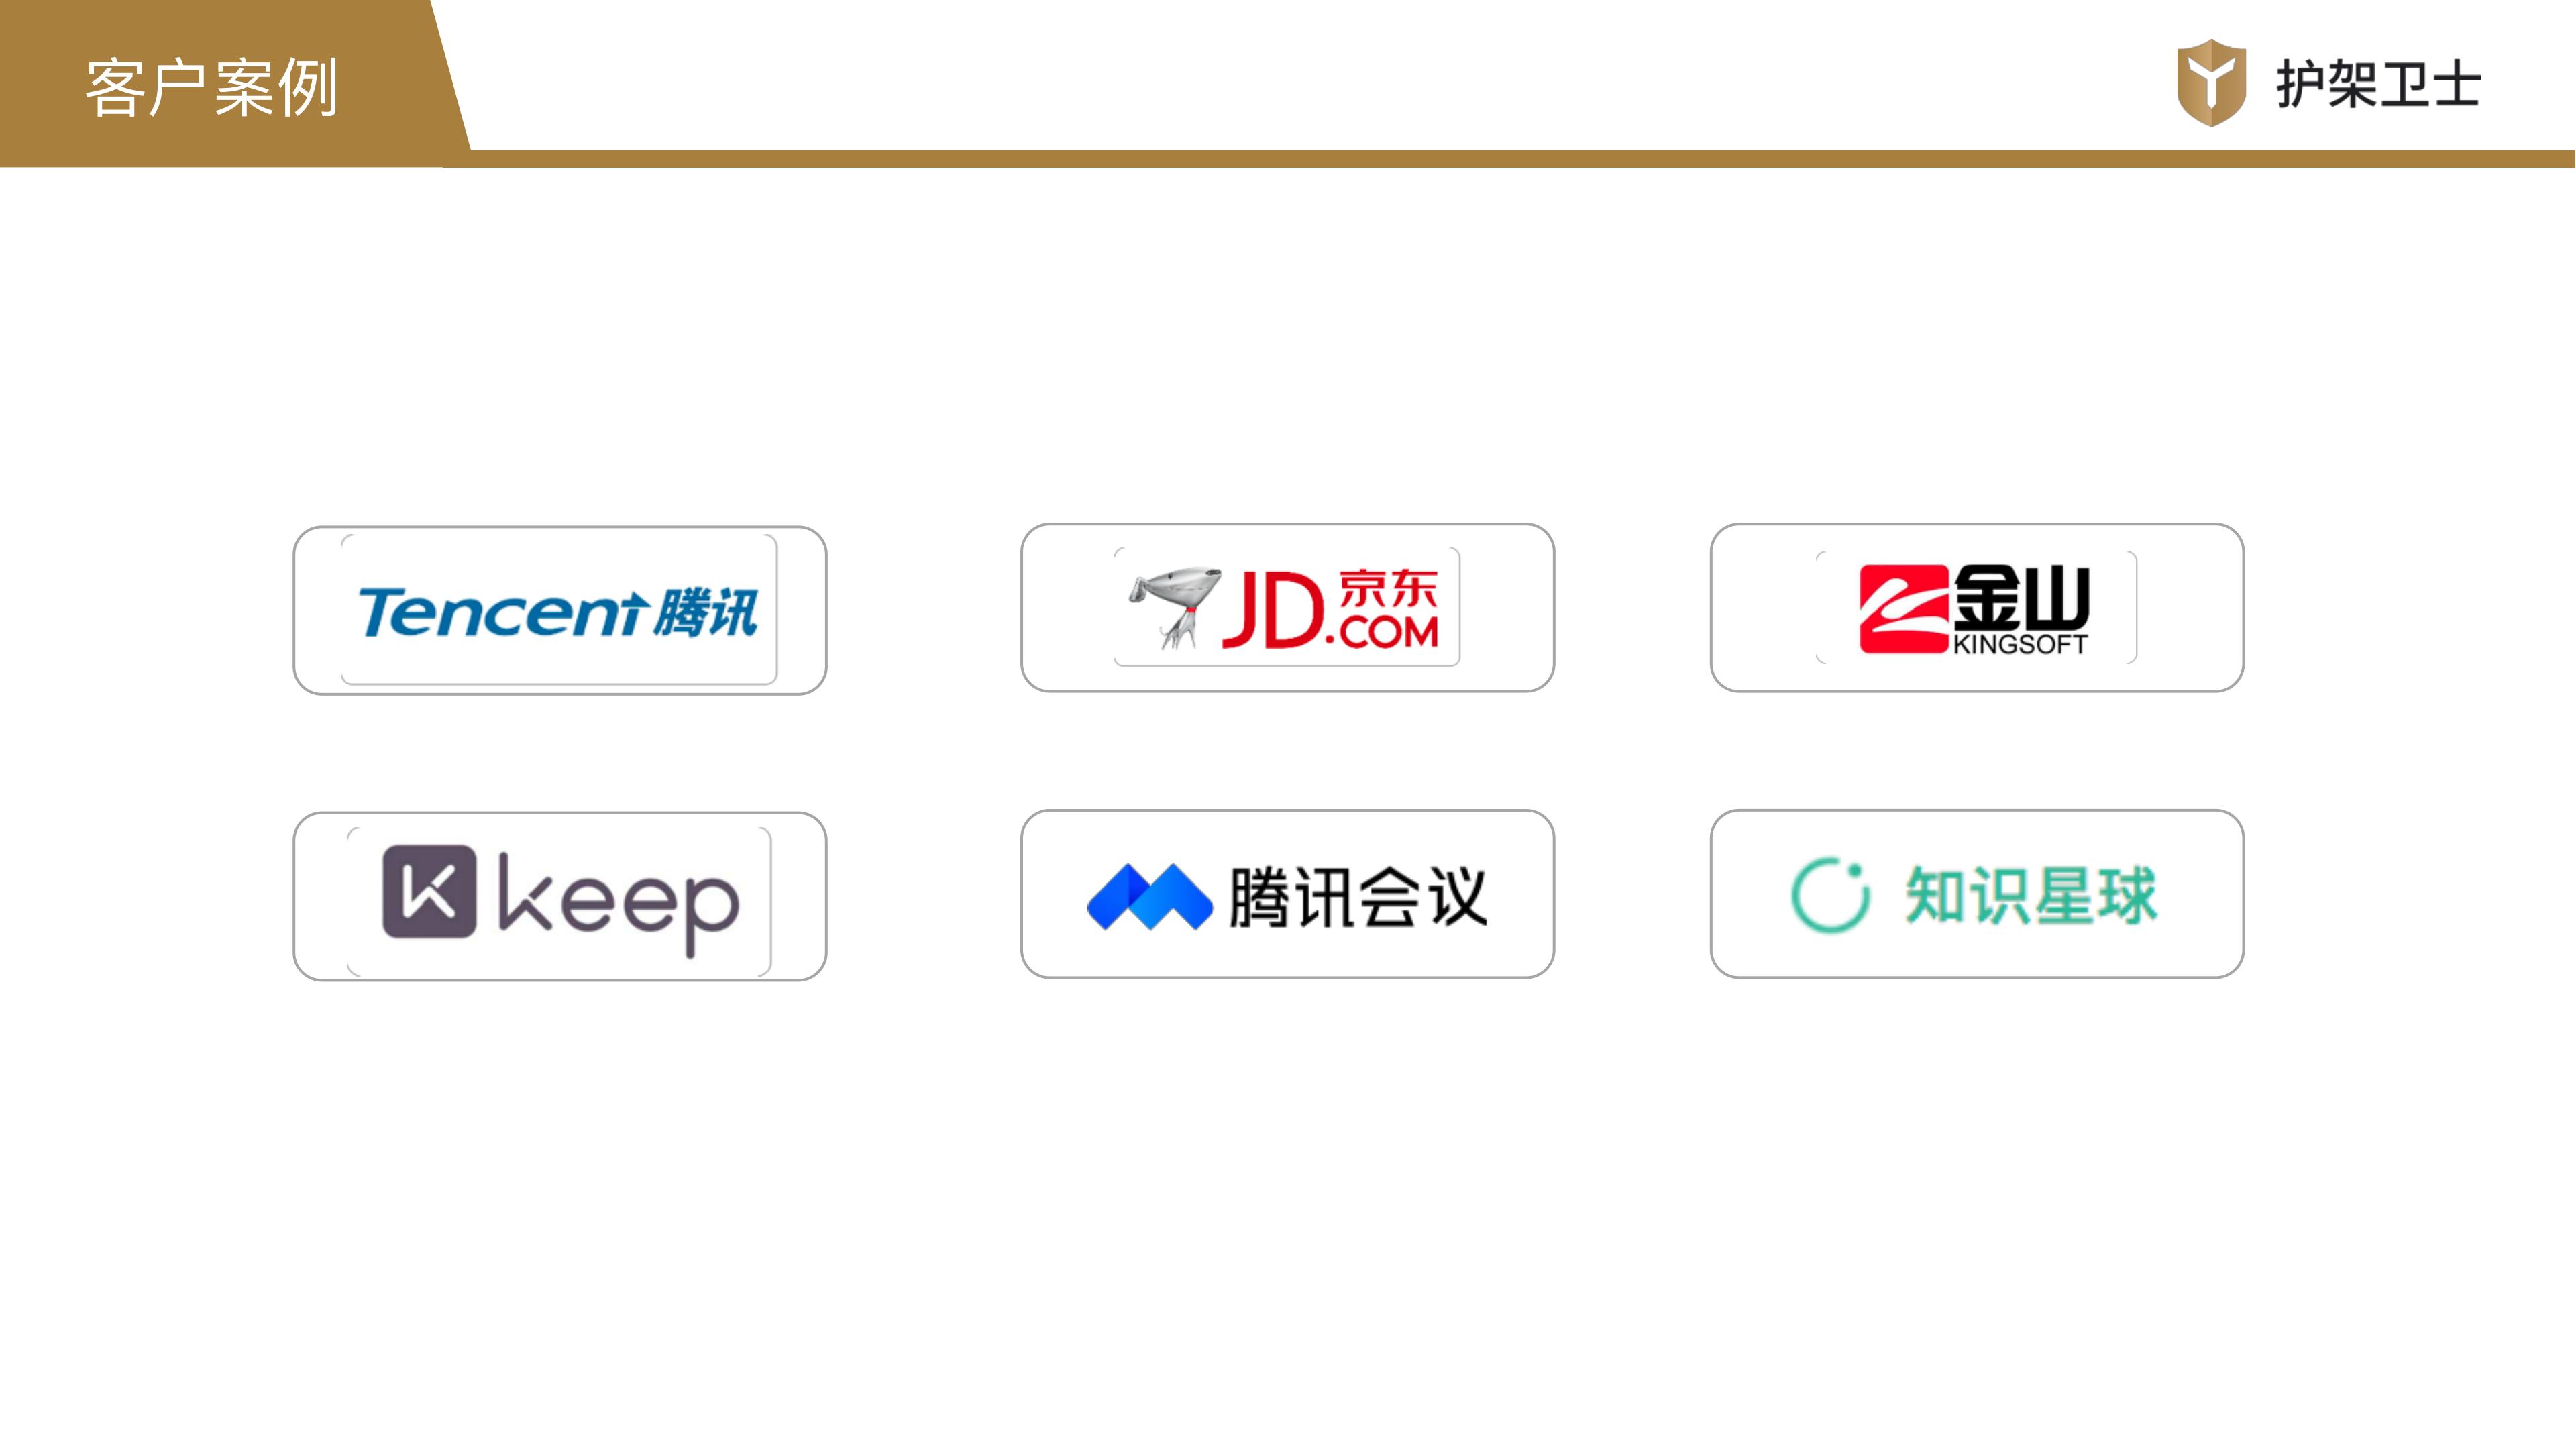 护架卫士产品介绍1.2_15.png